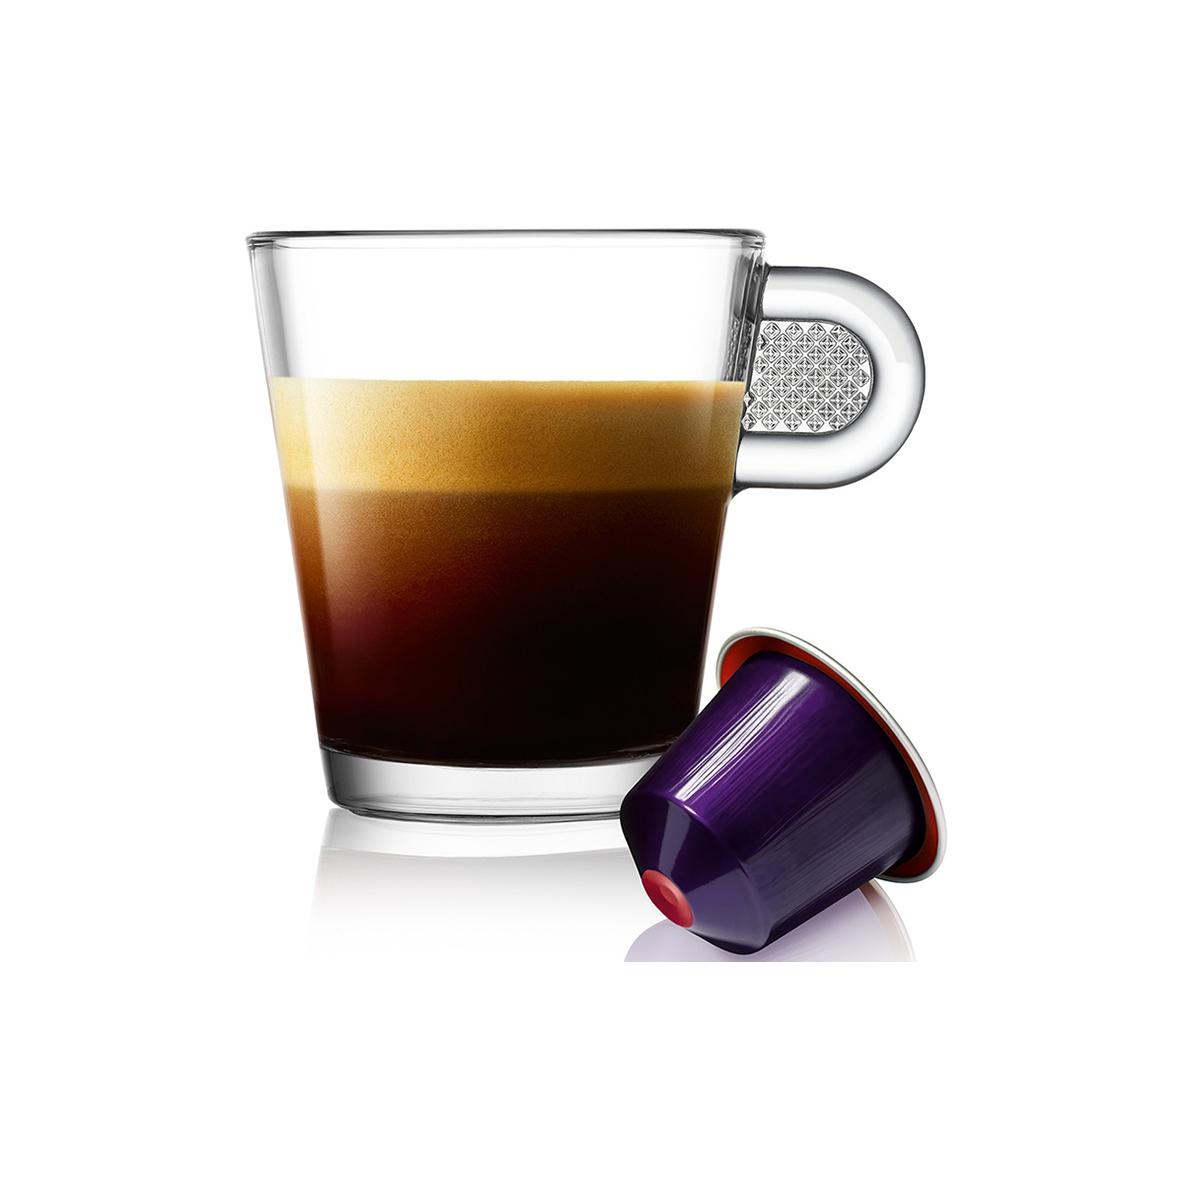 Arpeggio decaffeinato